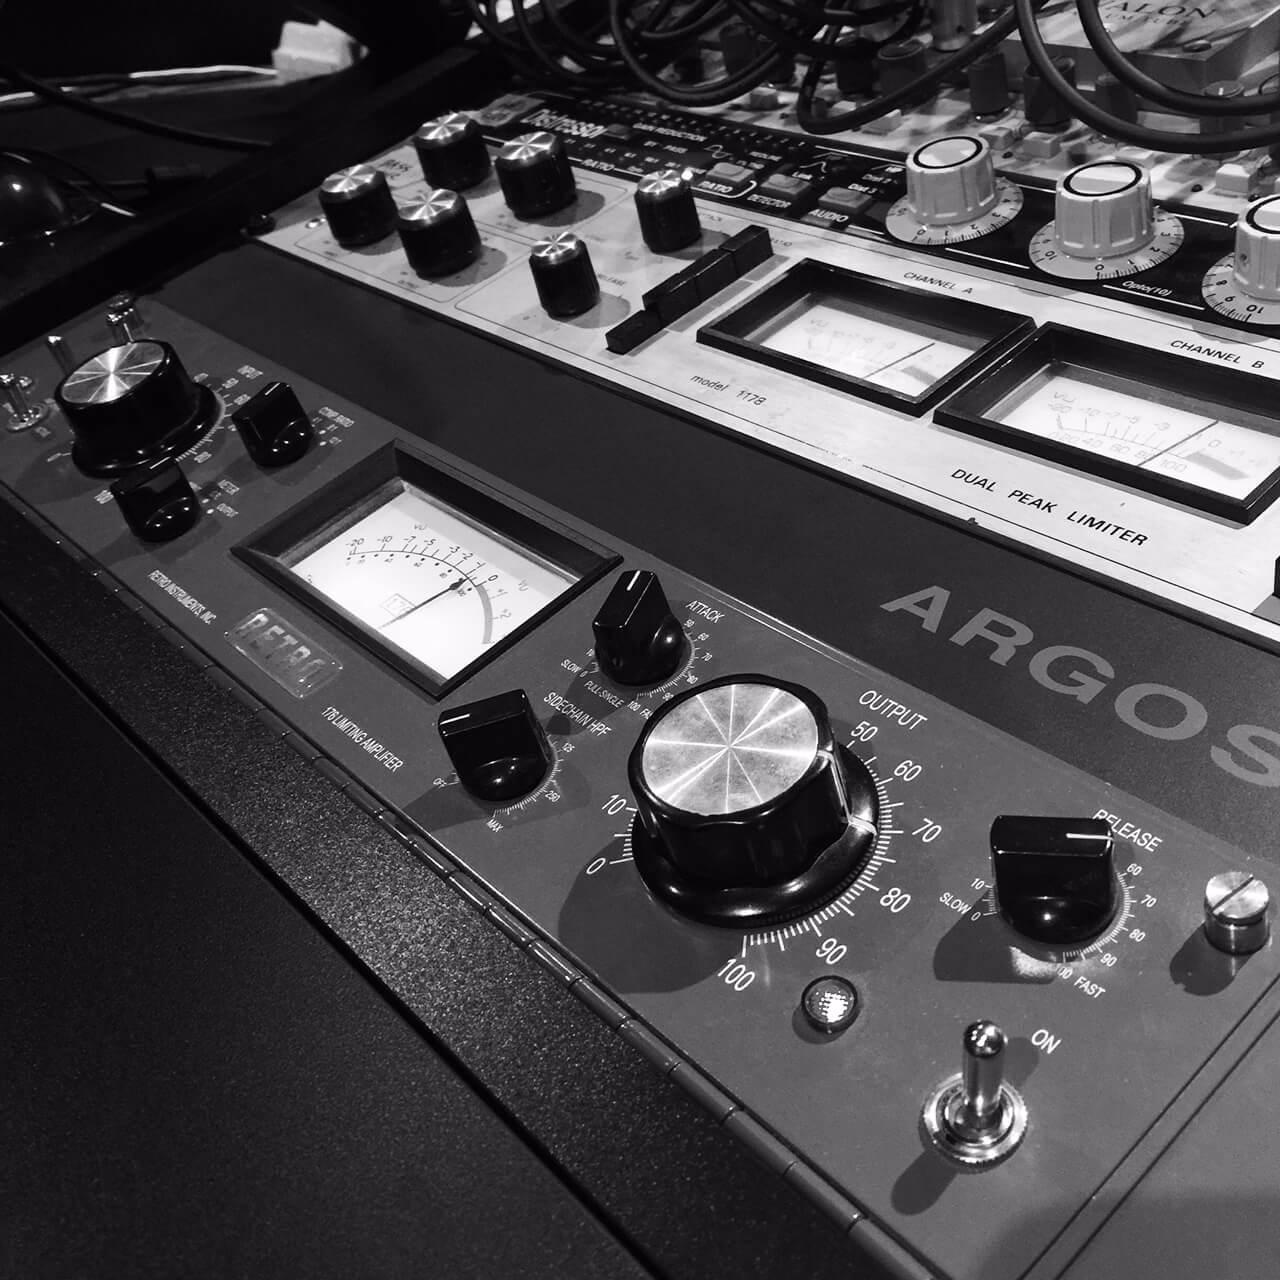 強力なレコーディング機材をさらに追加